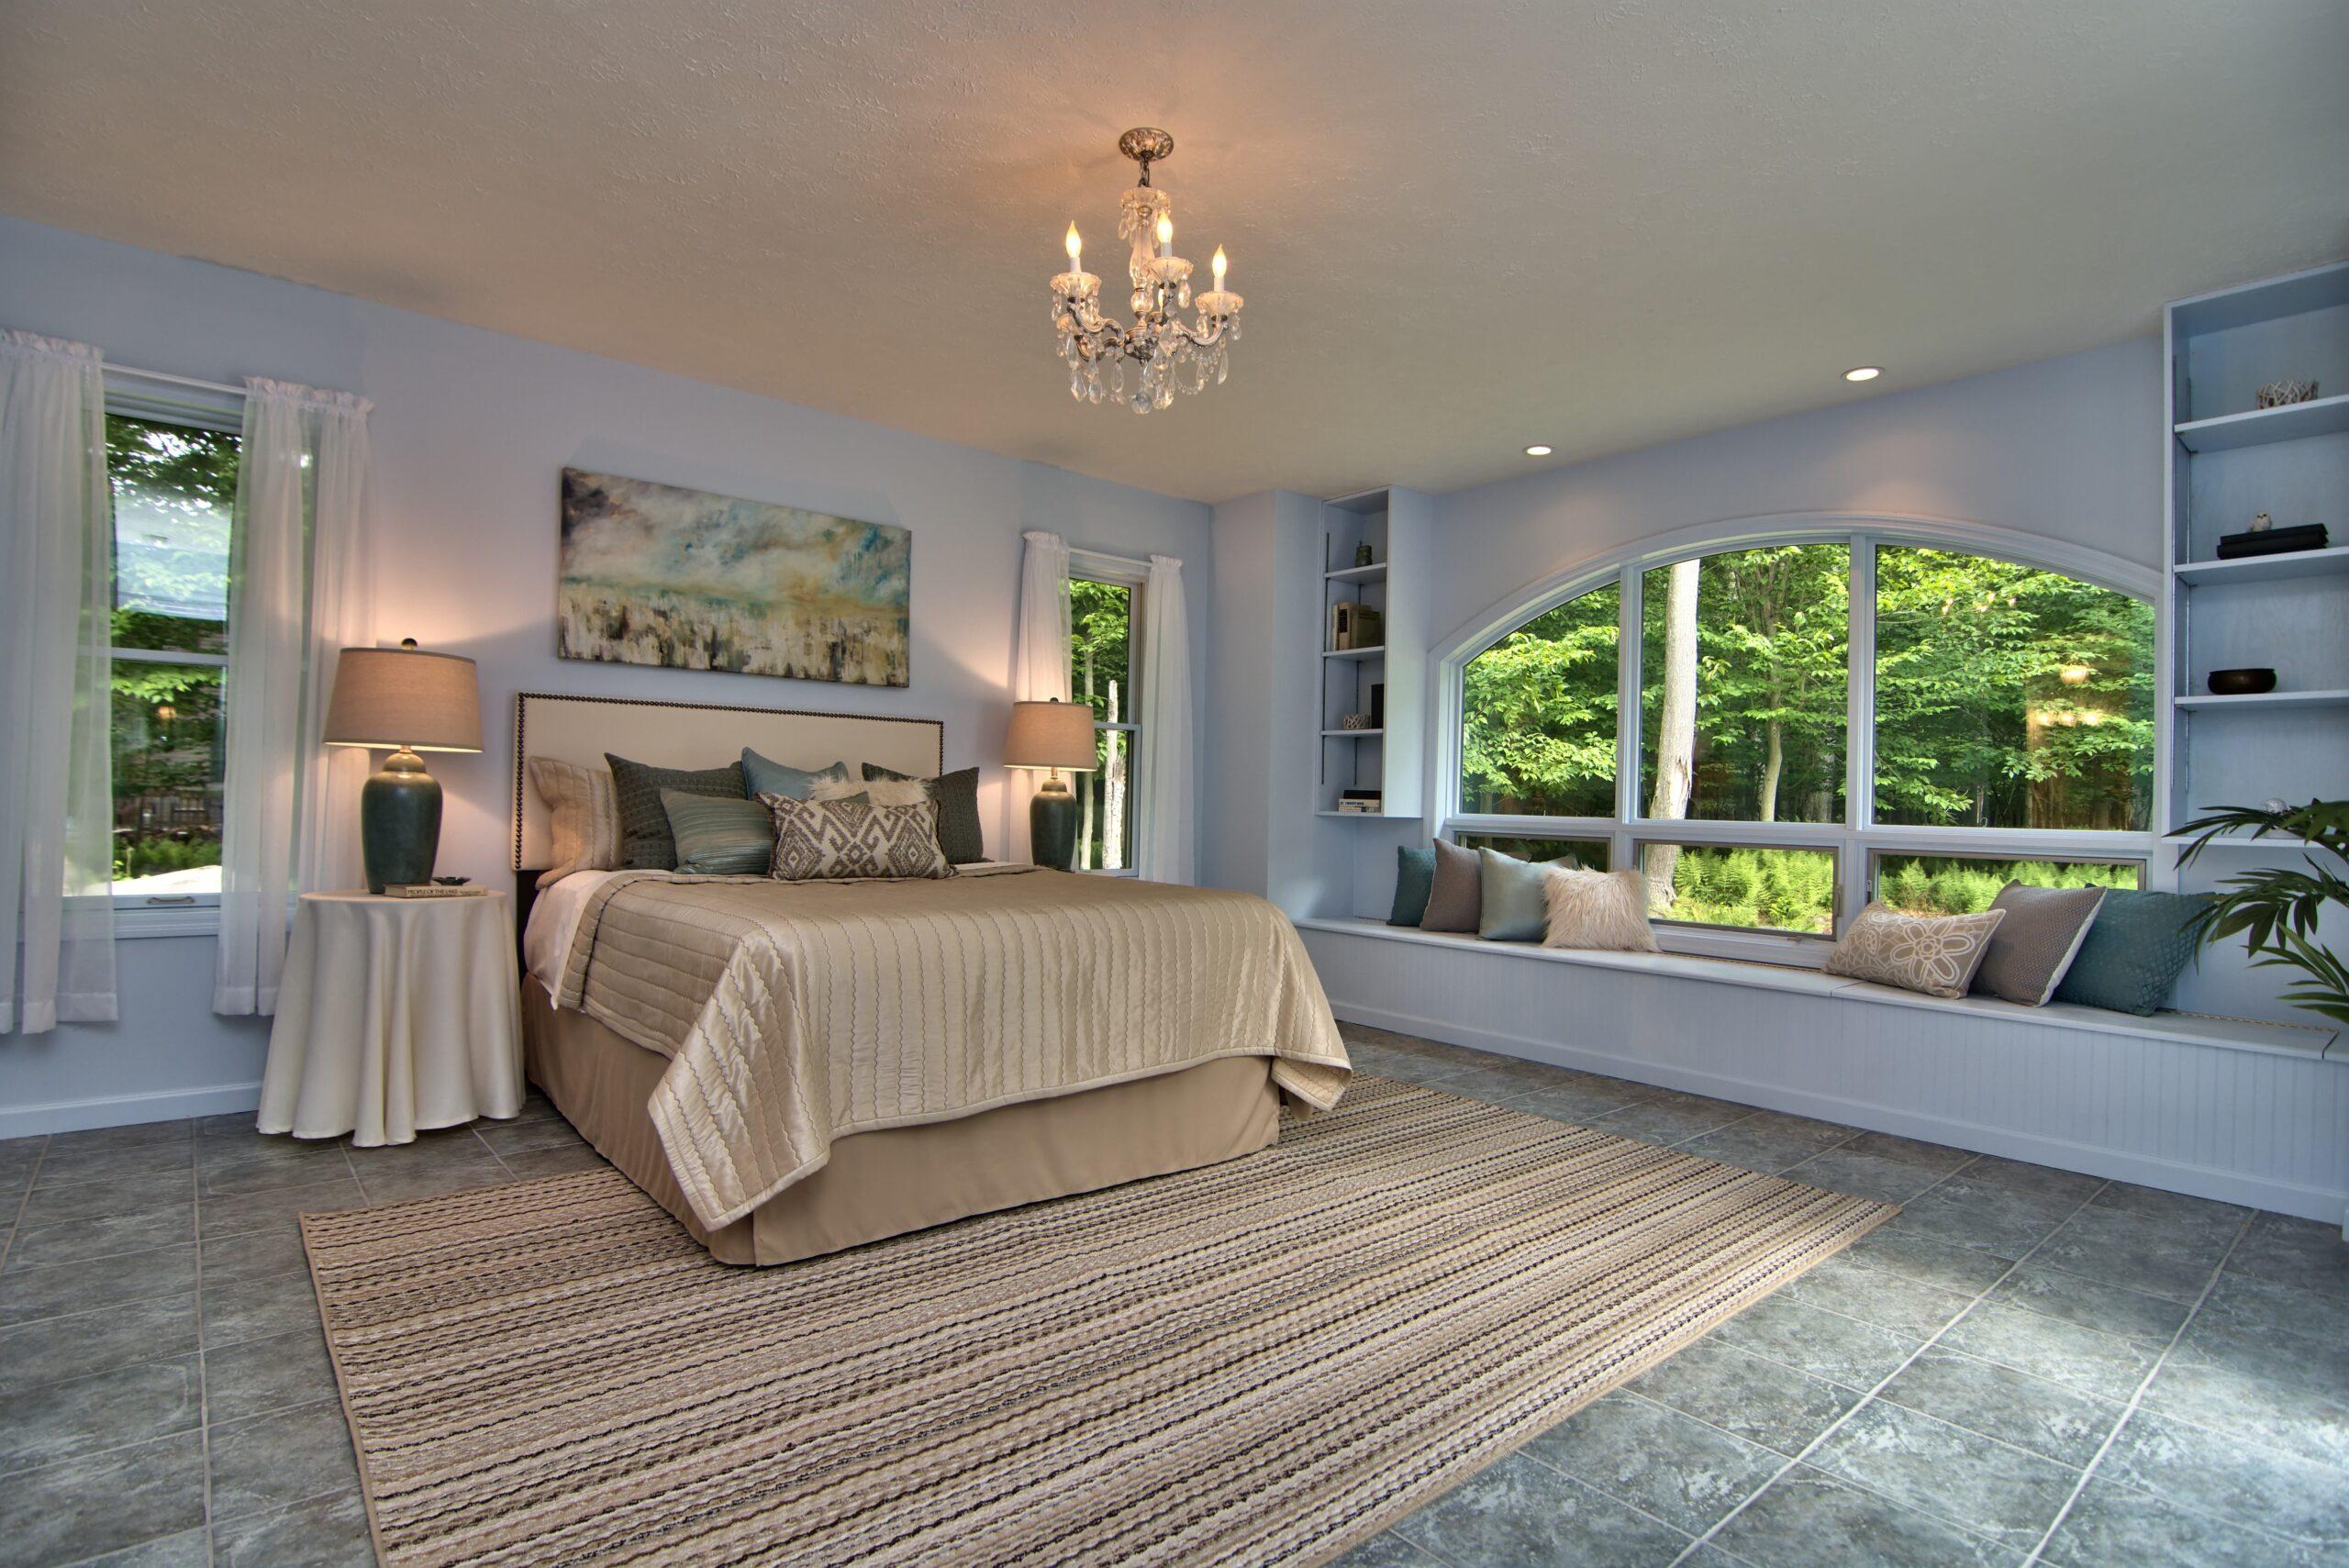 Master Bedroom View 01